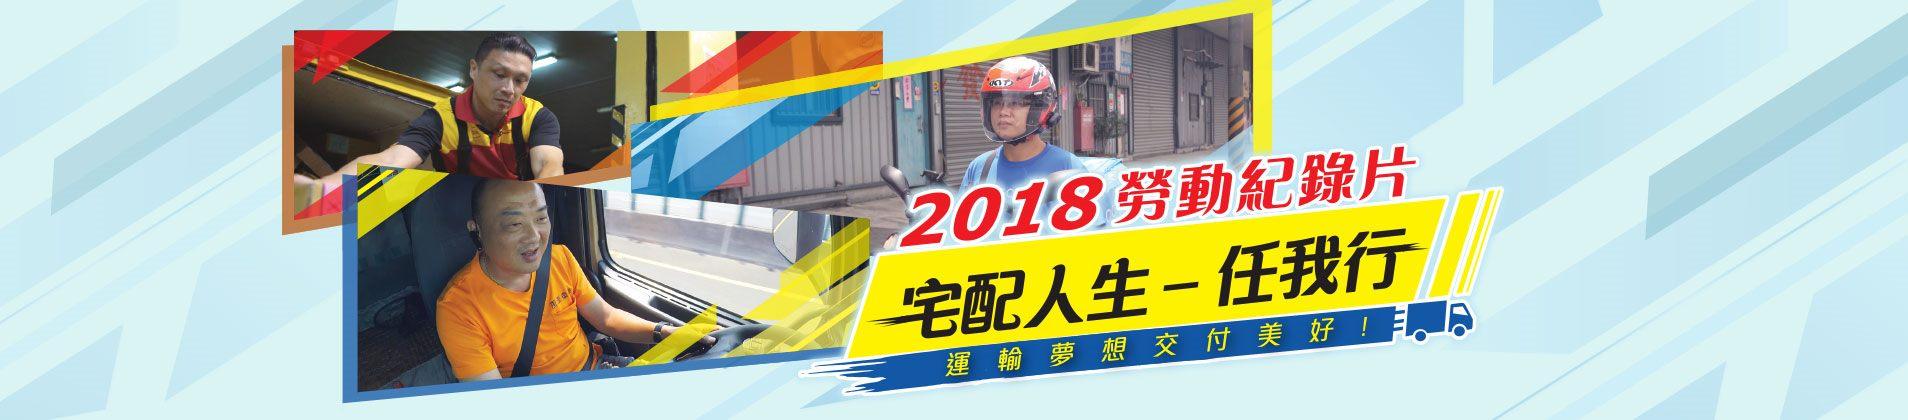 2018勞動紀錄片《宅配人生任我行》12月7日首映會,歡迎市民朋友上網觀看